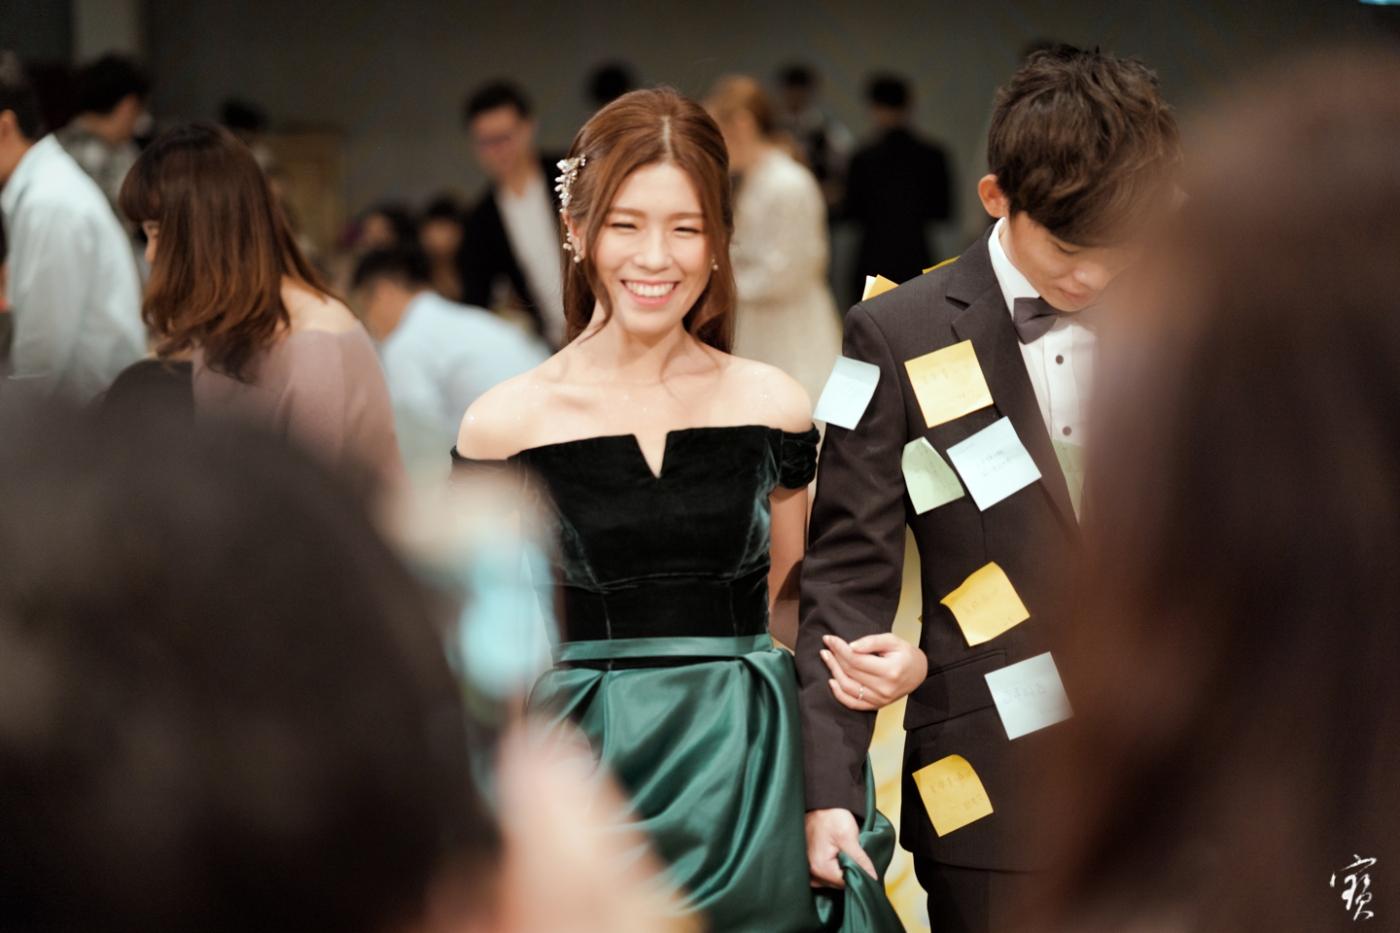 婚禮攝影 新竹彭園 冬伴影像 攝影師大寶 婚紗攝影 新娘新郎 早儀午宴20181125-378